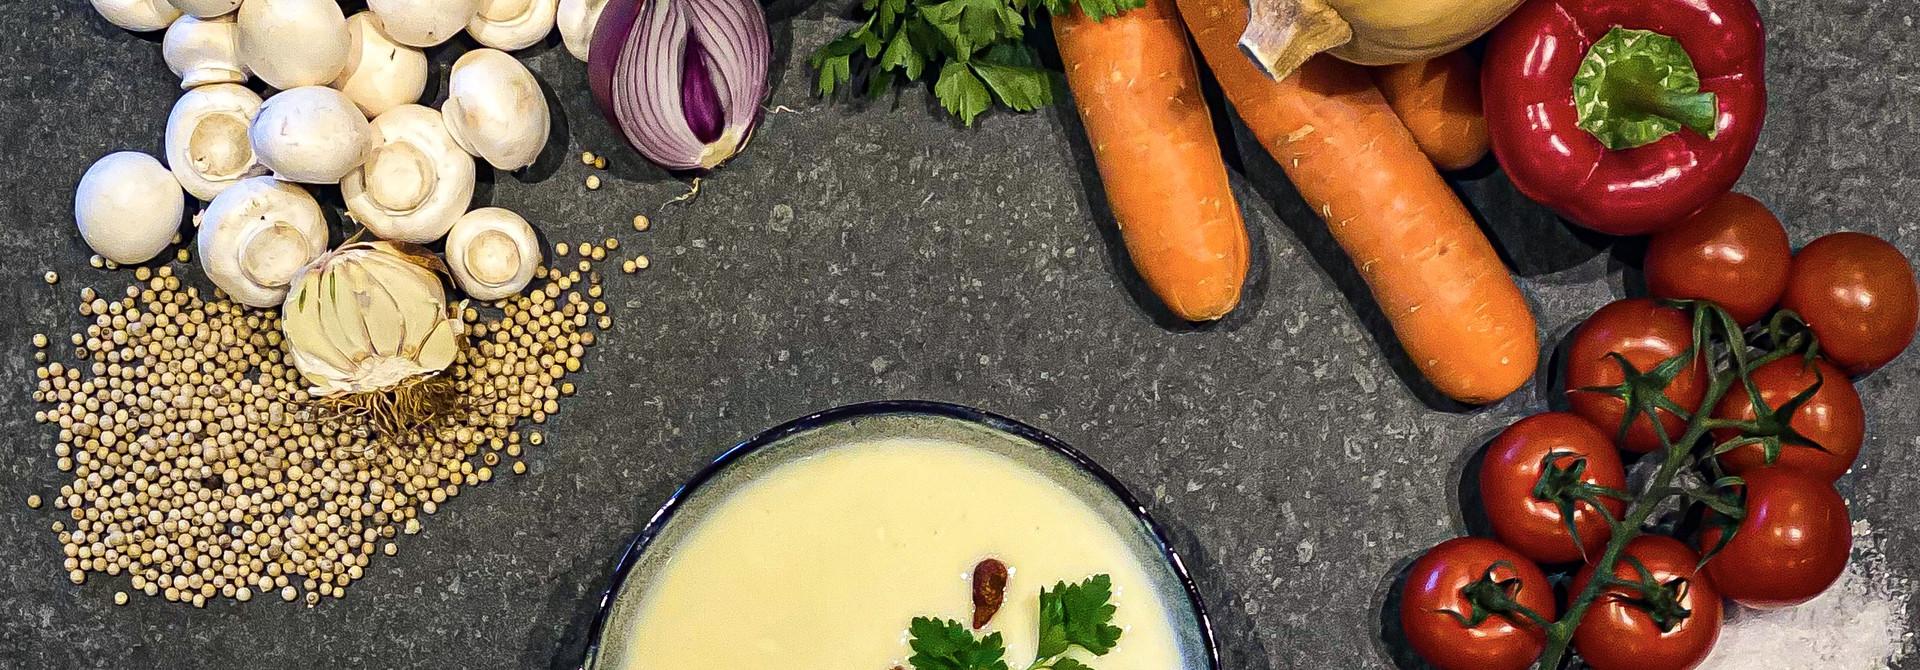 thaïse rode curry soep met kip